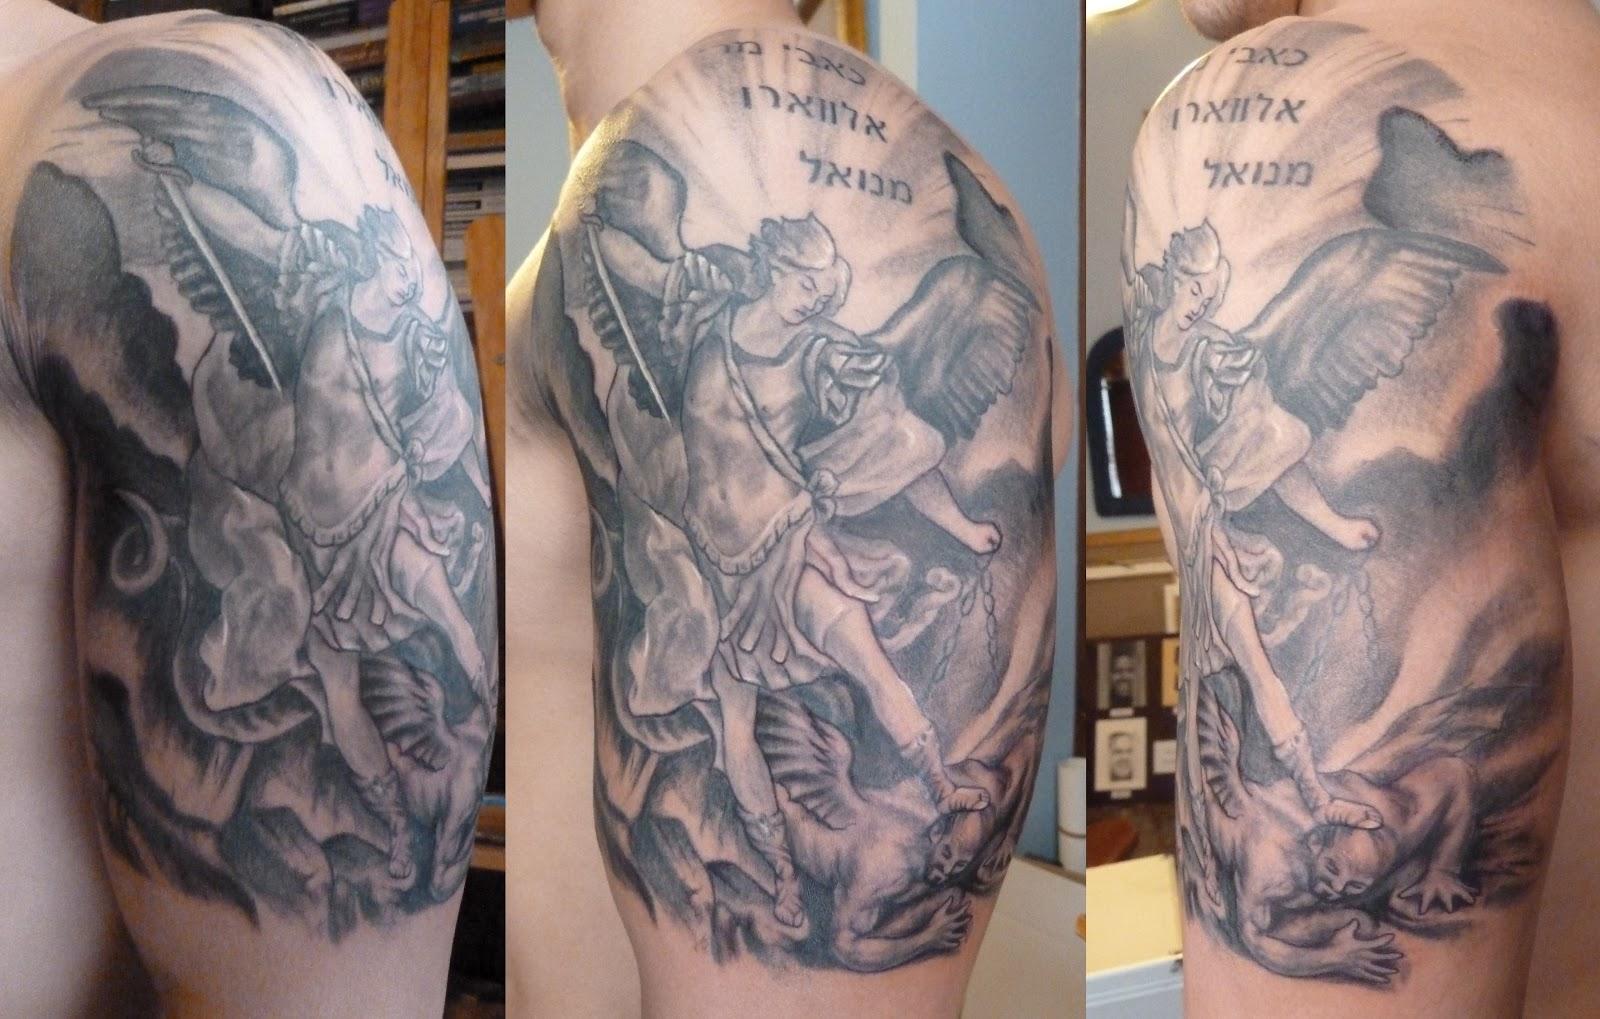 Arcangel Tatuajes alejandro pérez morilla: tatuaje arcangel matando al demonio.